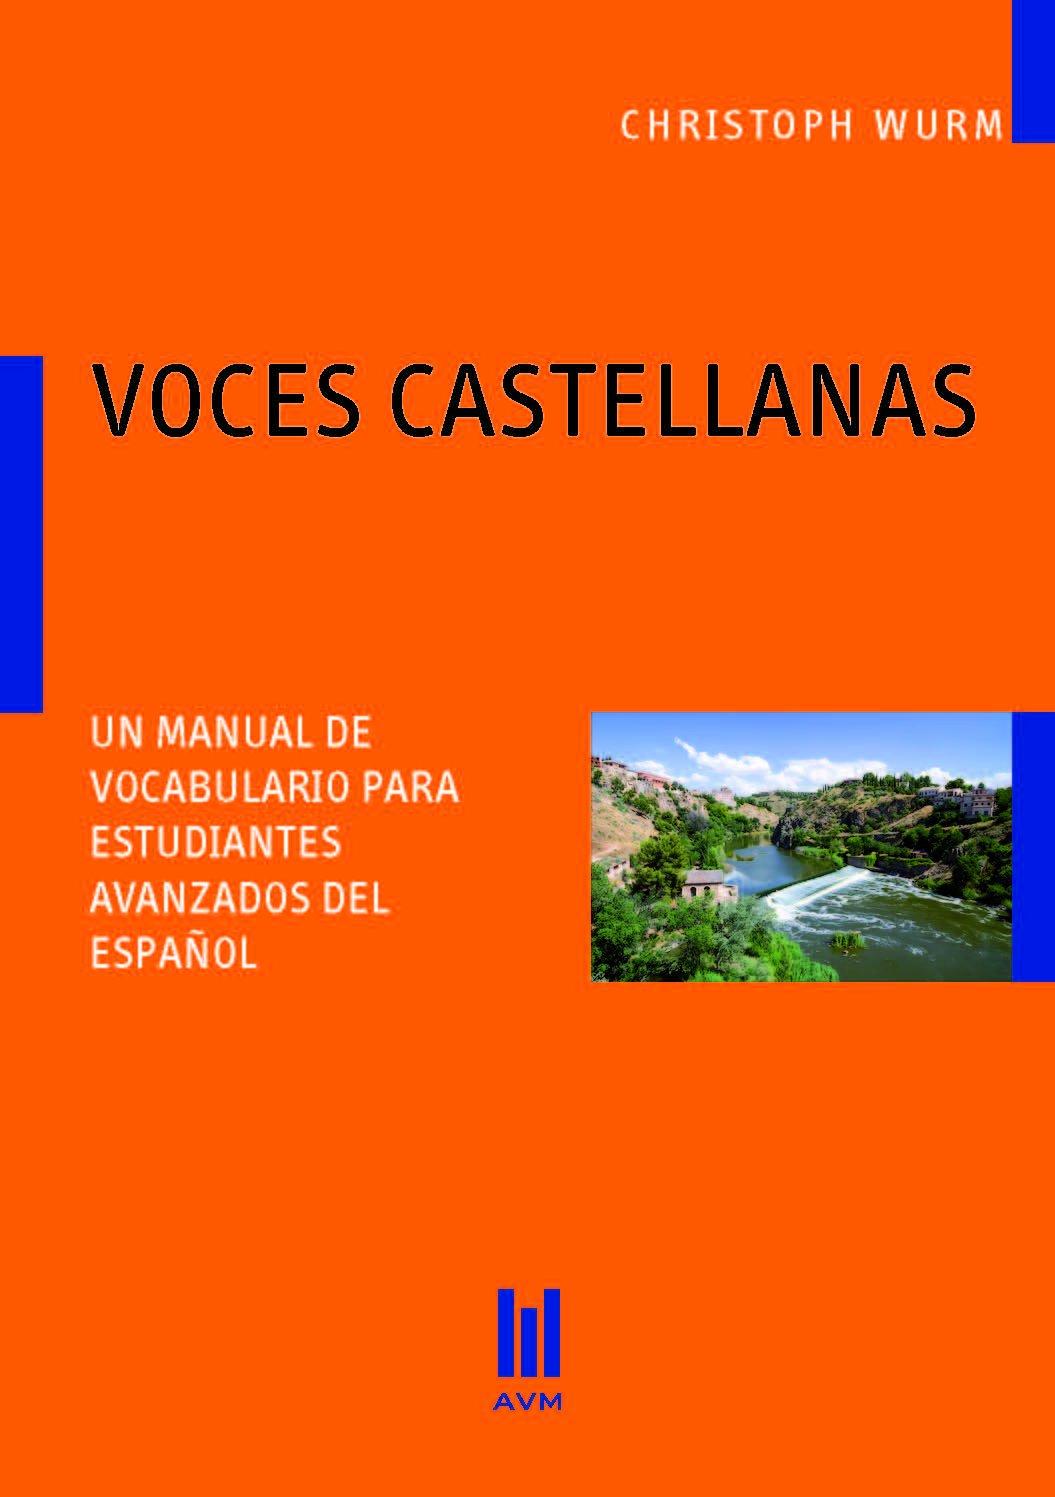 Voces Castellanas: un manual de vocabulario para estudiantes avanzados de epañol